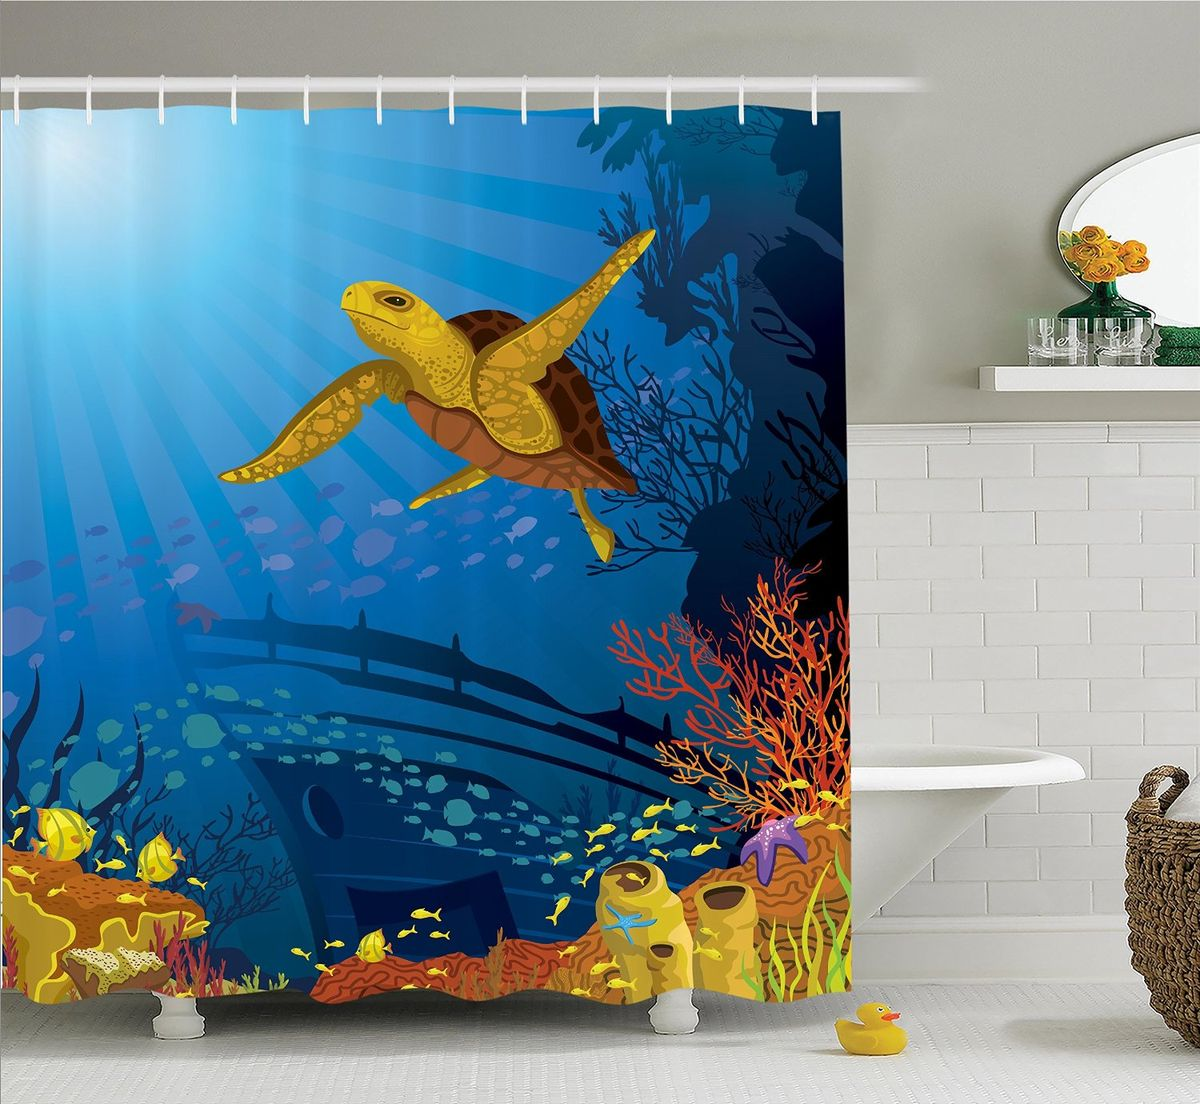 Штора для ванной комнаты Magic Lady Черепаха и обломки корабля, 180 х 200 см штора для ванной комнаты magic lady ателье  180 х 200 см